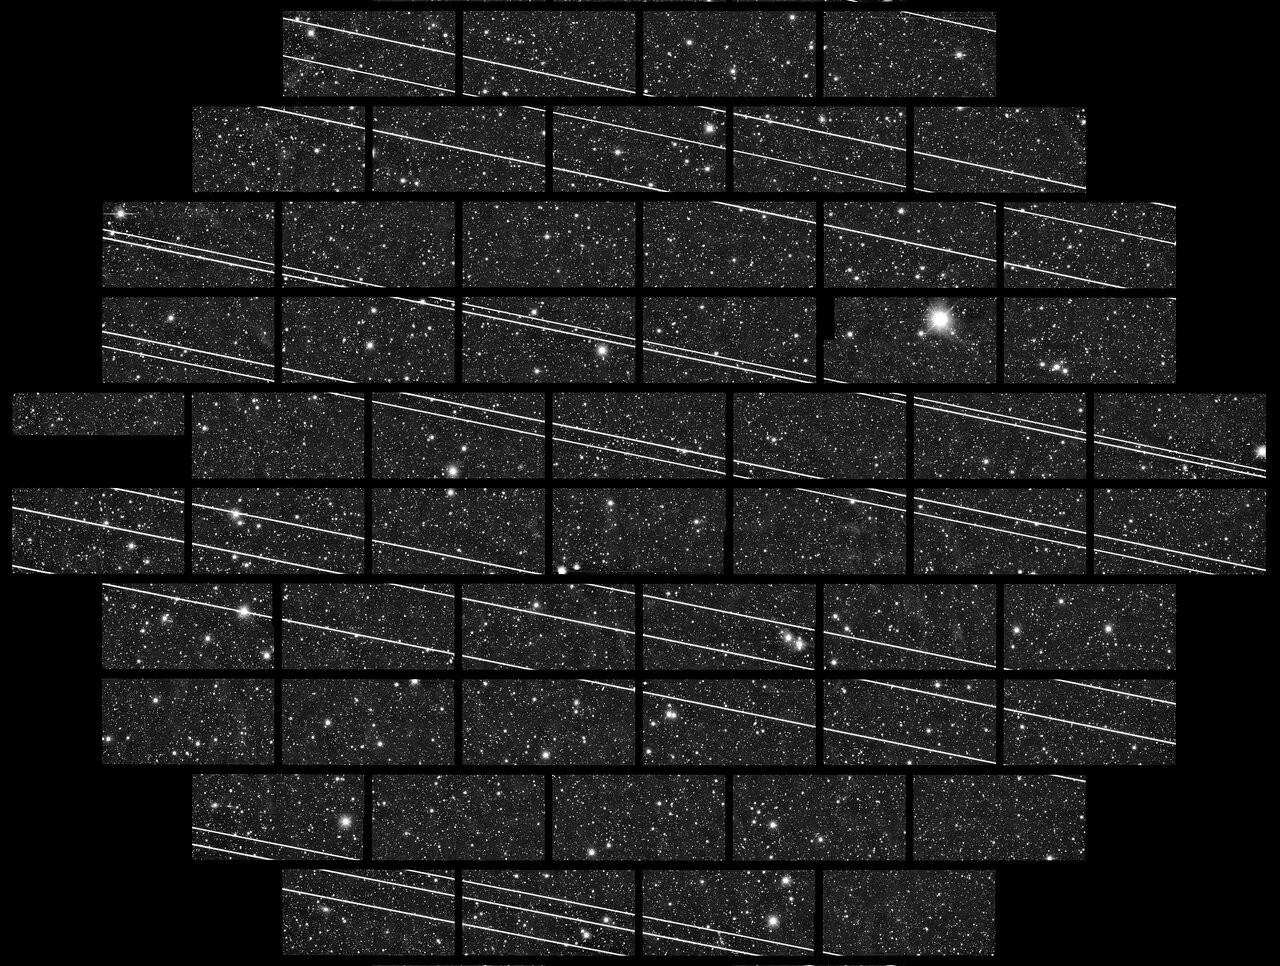 Složený obrázek devatenácti družic projektu Starlink po vypuštění vlistopadu 2019 pořízený vInter-American Observatory vChile. Foto:Mezinárodní astronomická unie